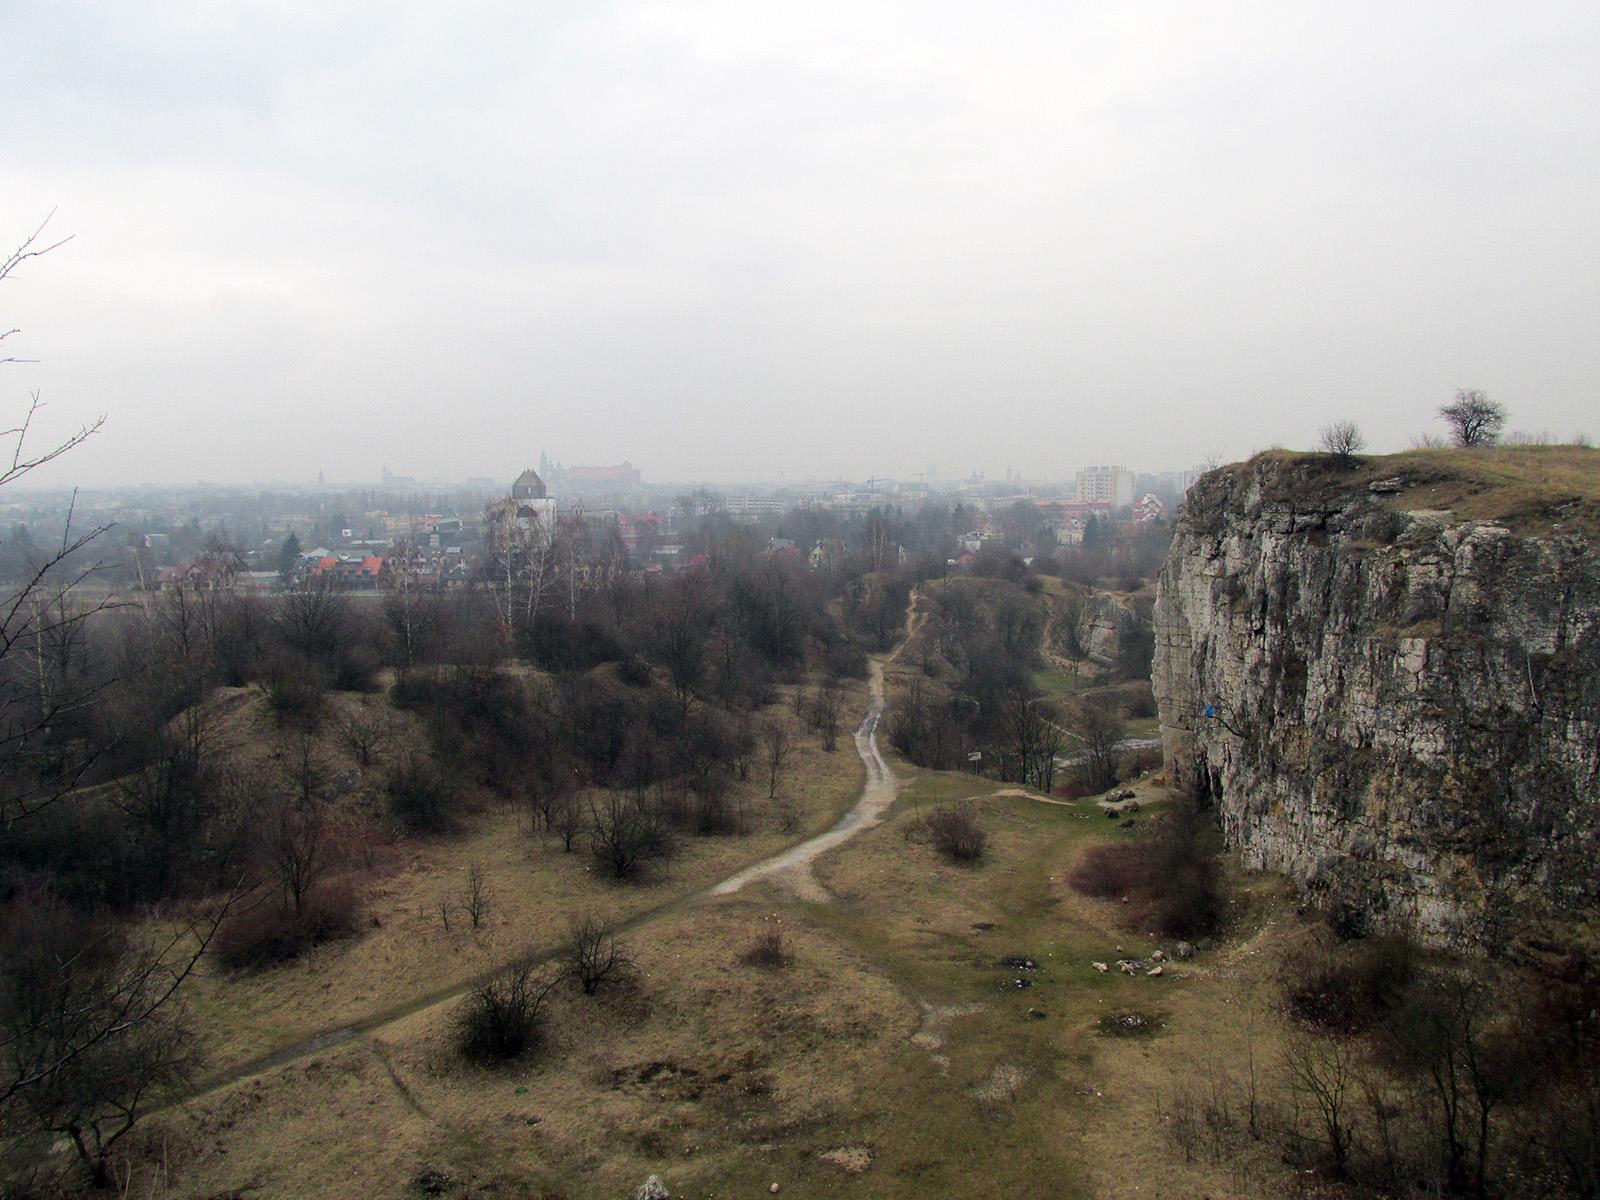 Krakow, Zakrzowek (Poland) - old quarry